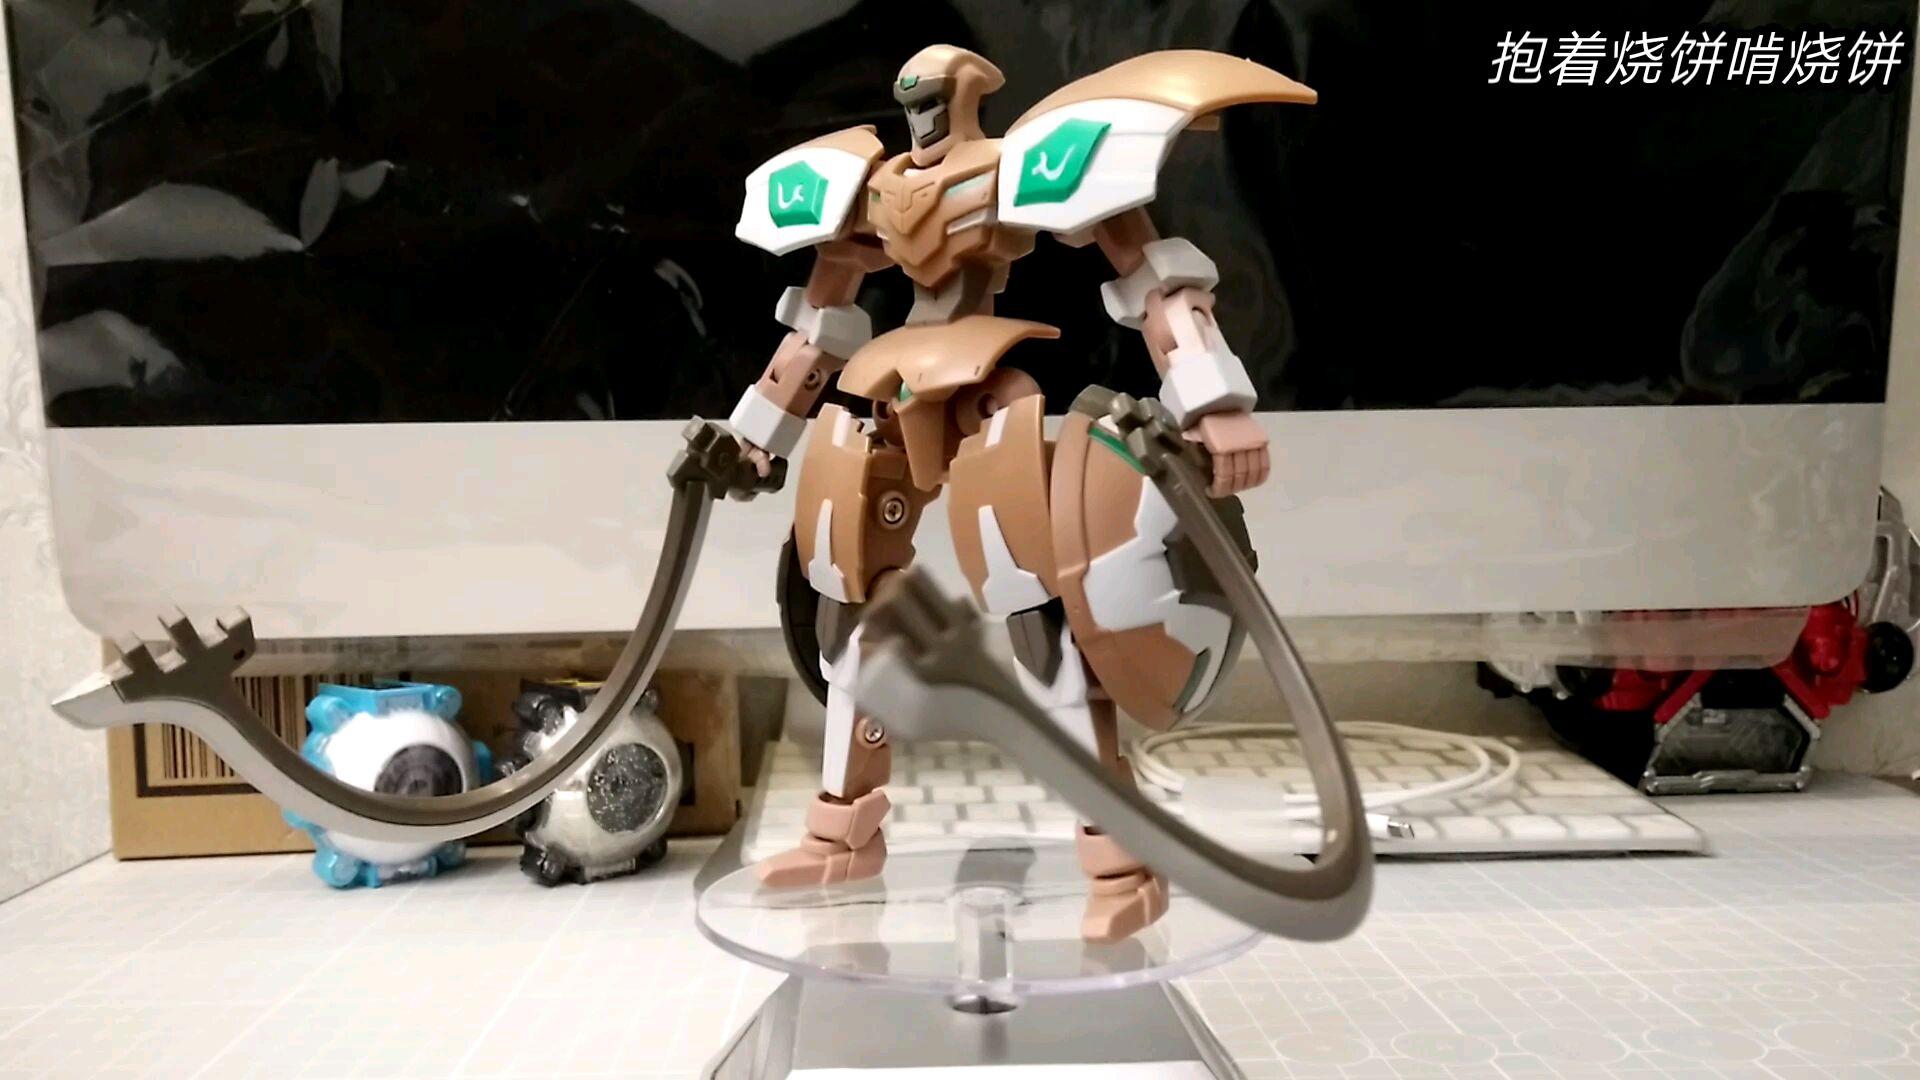 【玩具开箱】宇宙星神 五寸可动模型 土星神卡勒姆 蓝弧动画 灵动出品 开箱展示